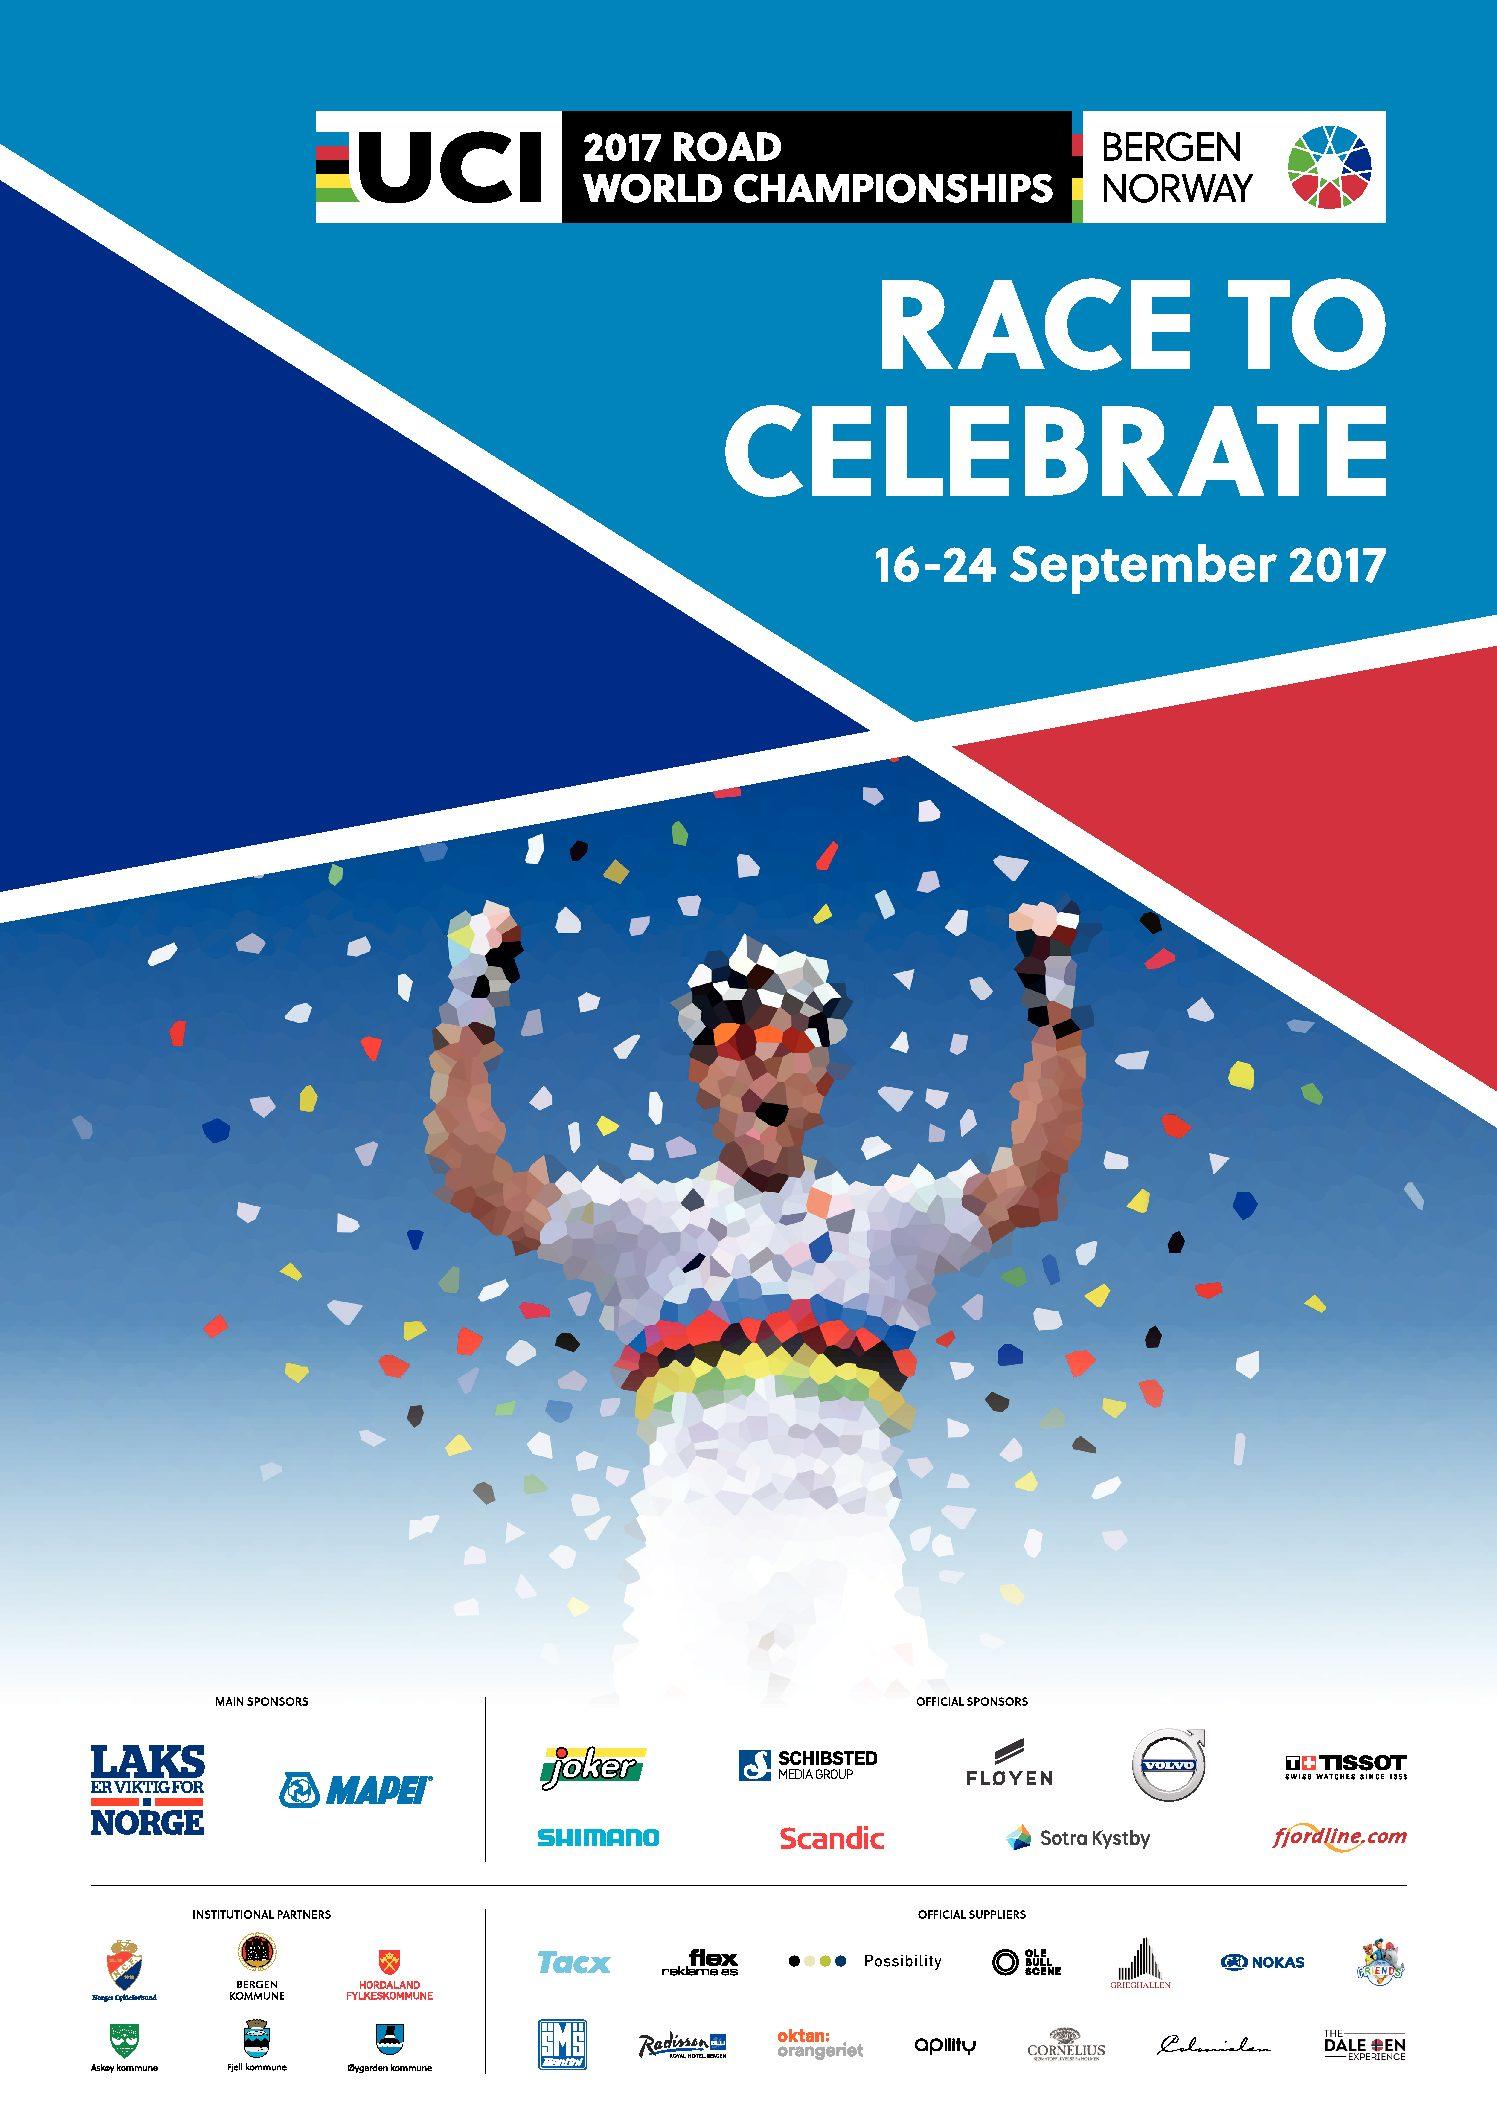 Mapei è UCI Main Sponsor dei Mondiali di Ciclismo 2017 Bergen, Norvegia, dal 16 al 24 settembre